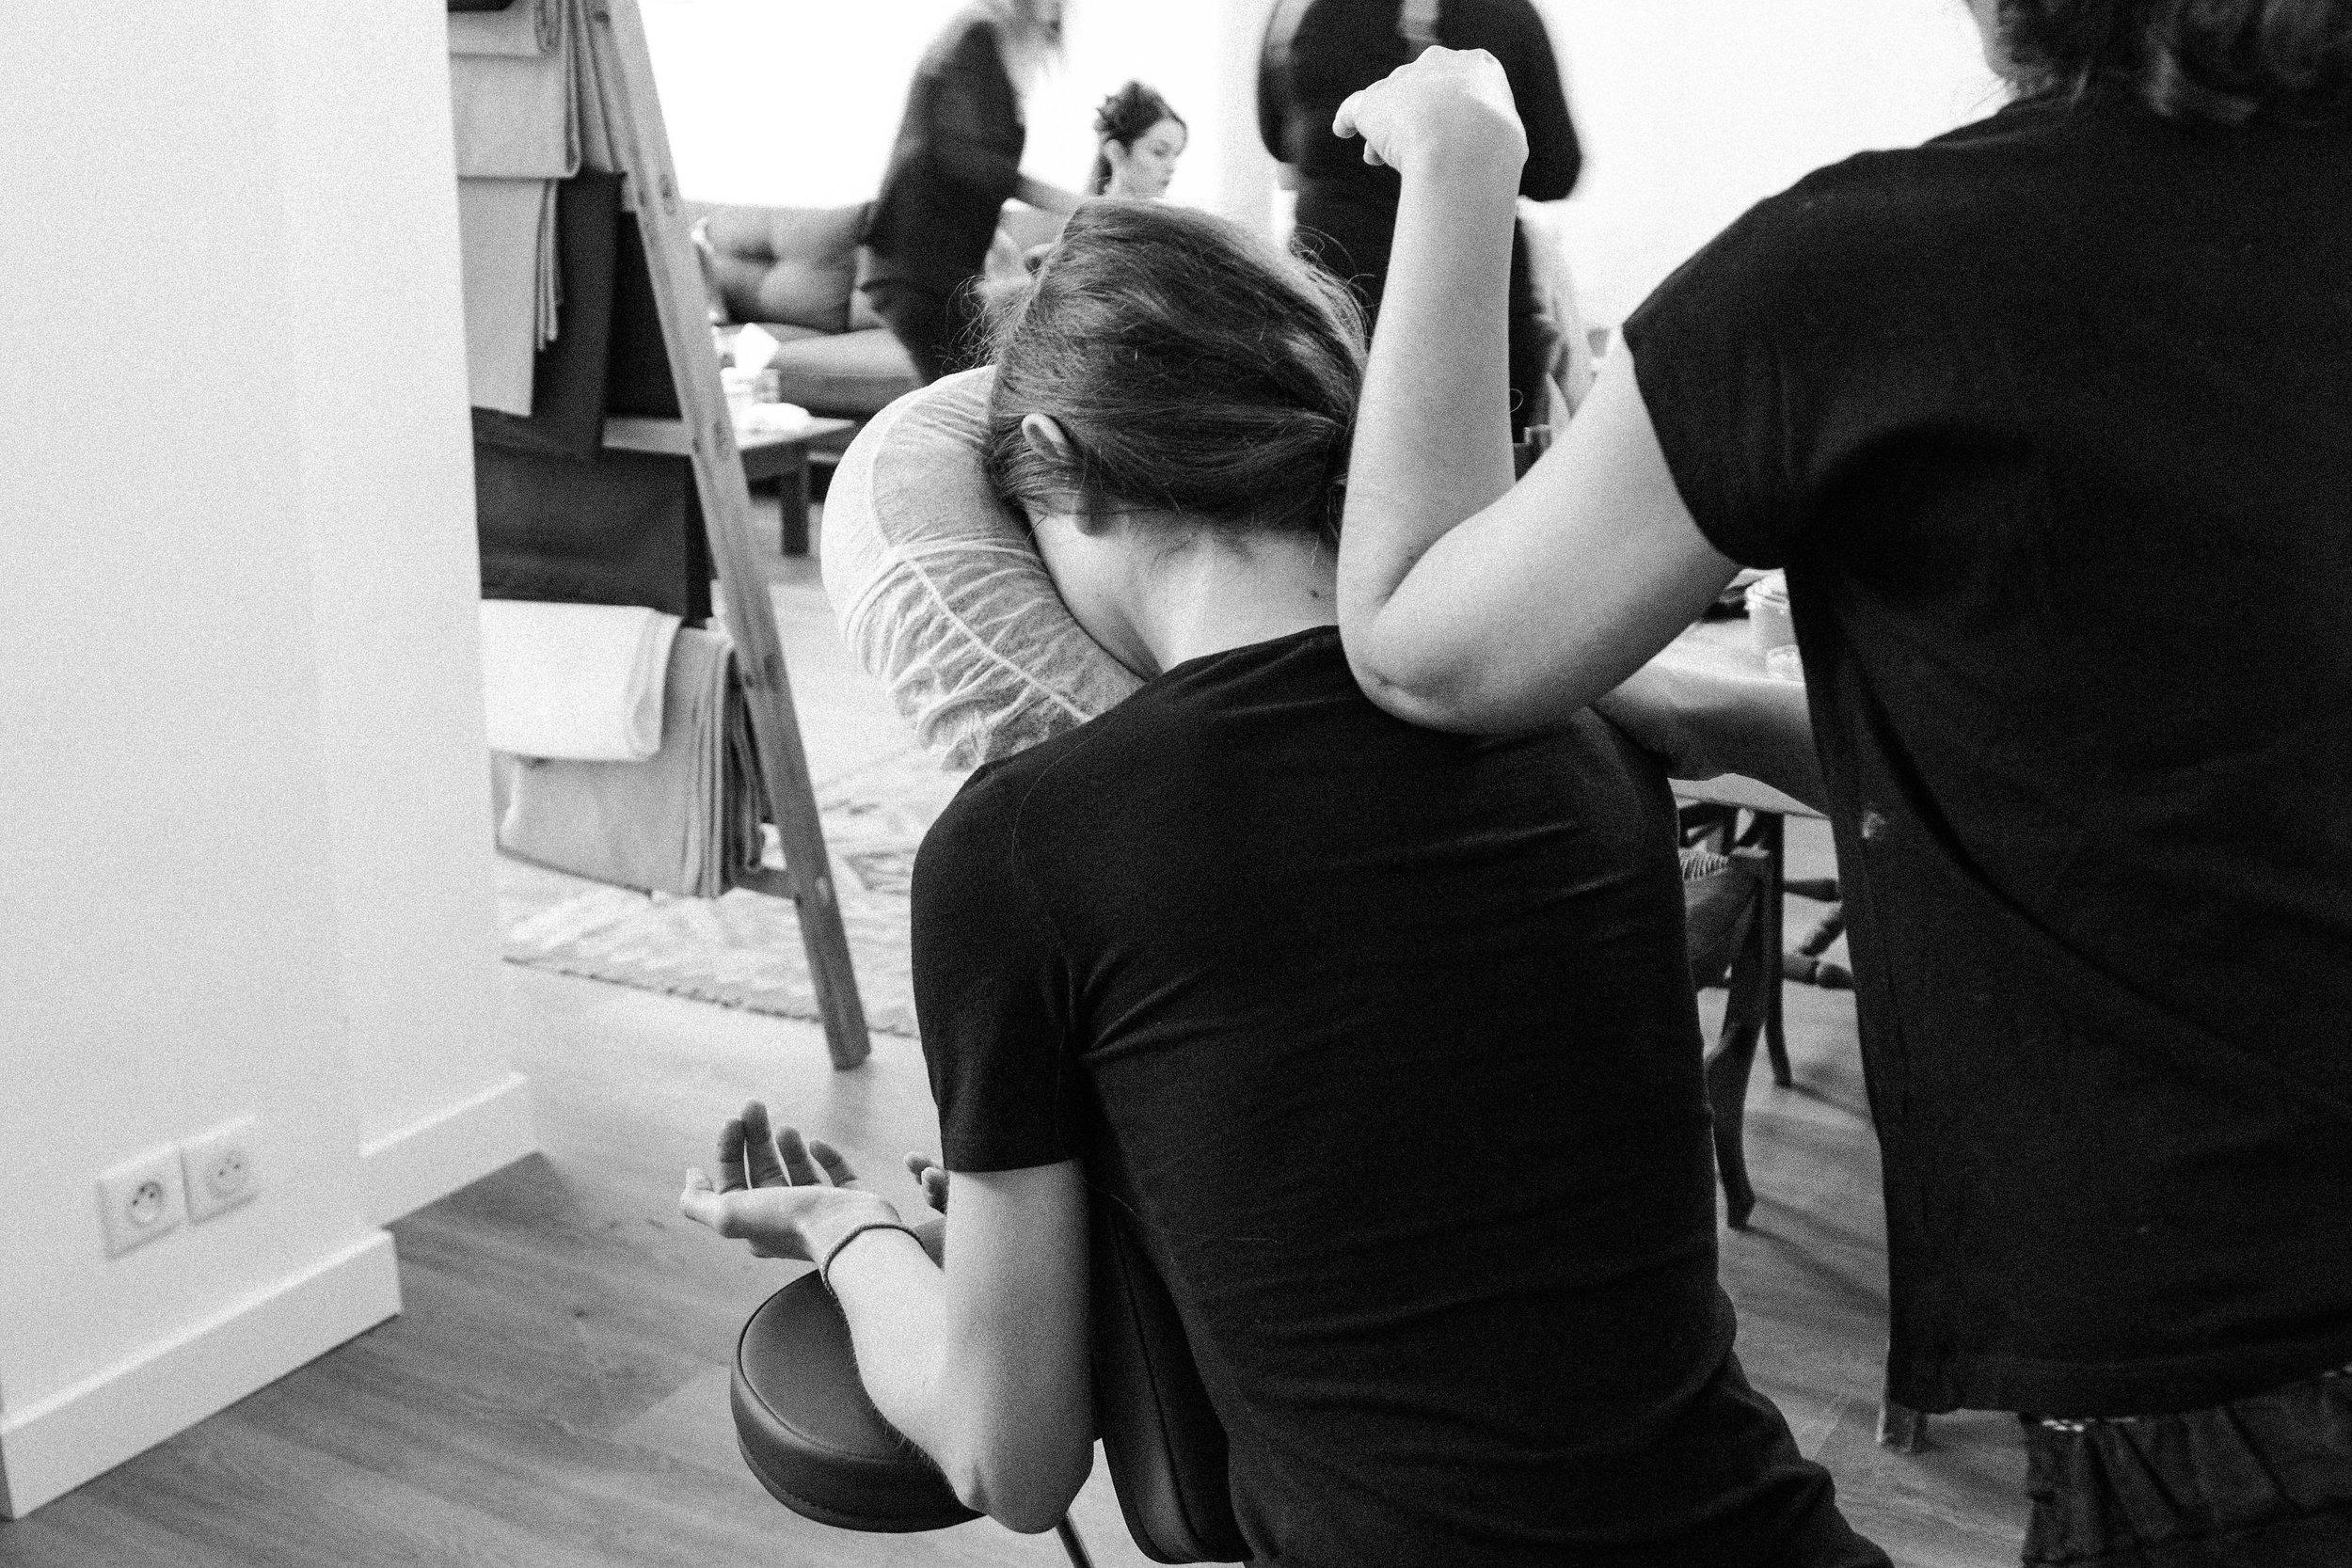 BIEN-ÊTRE - Des spécialistes en massage Amma sur chaise (notre best seller) mais également des experts en réflexologie, shiatsu, do in, qi gong, méditation et sophrologie.